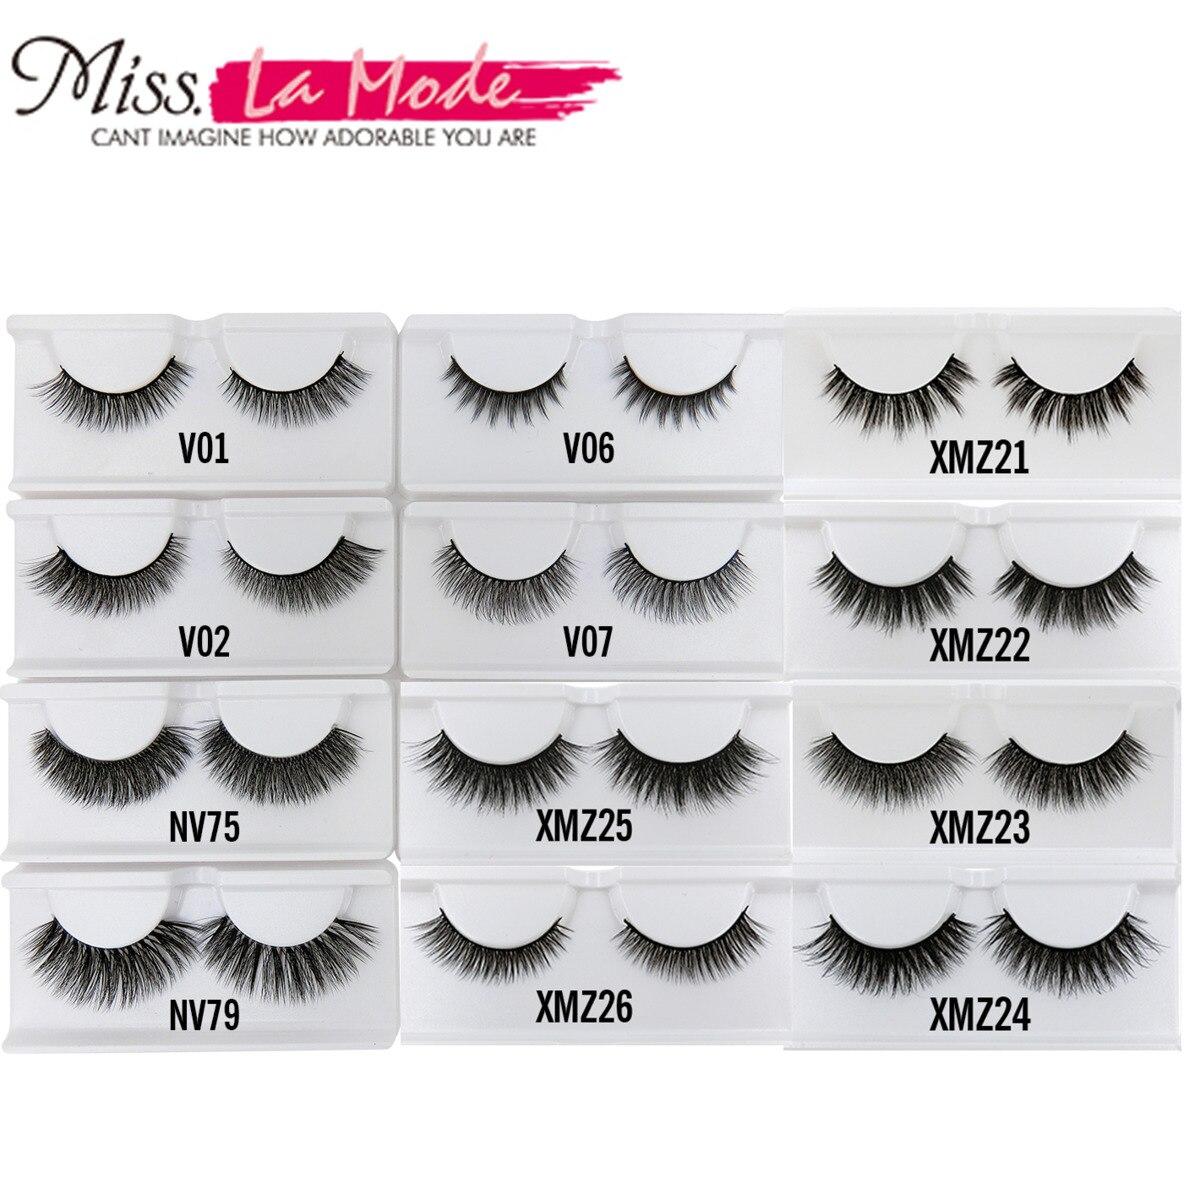 MISSLAMODE Fake Eyelashes Natural 3d Mink Lashes Strip Eyelash Extensions  Crossing False Eyelashes Natural Long Makeup Tools